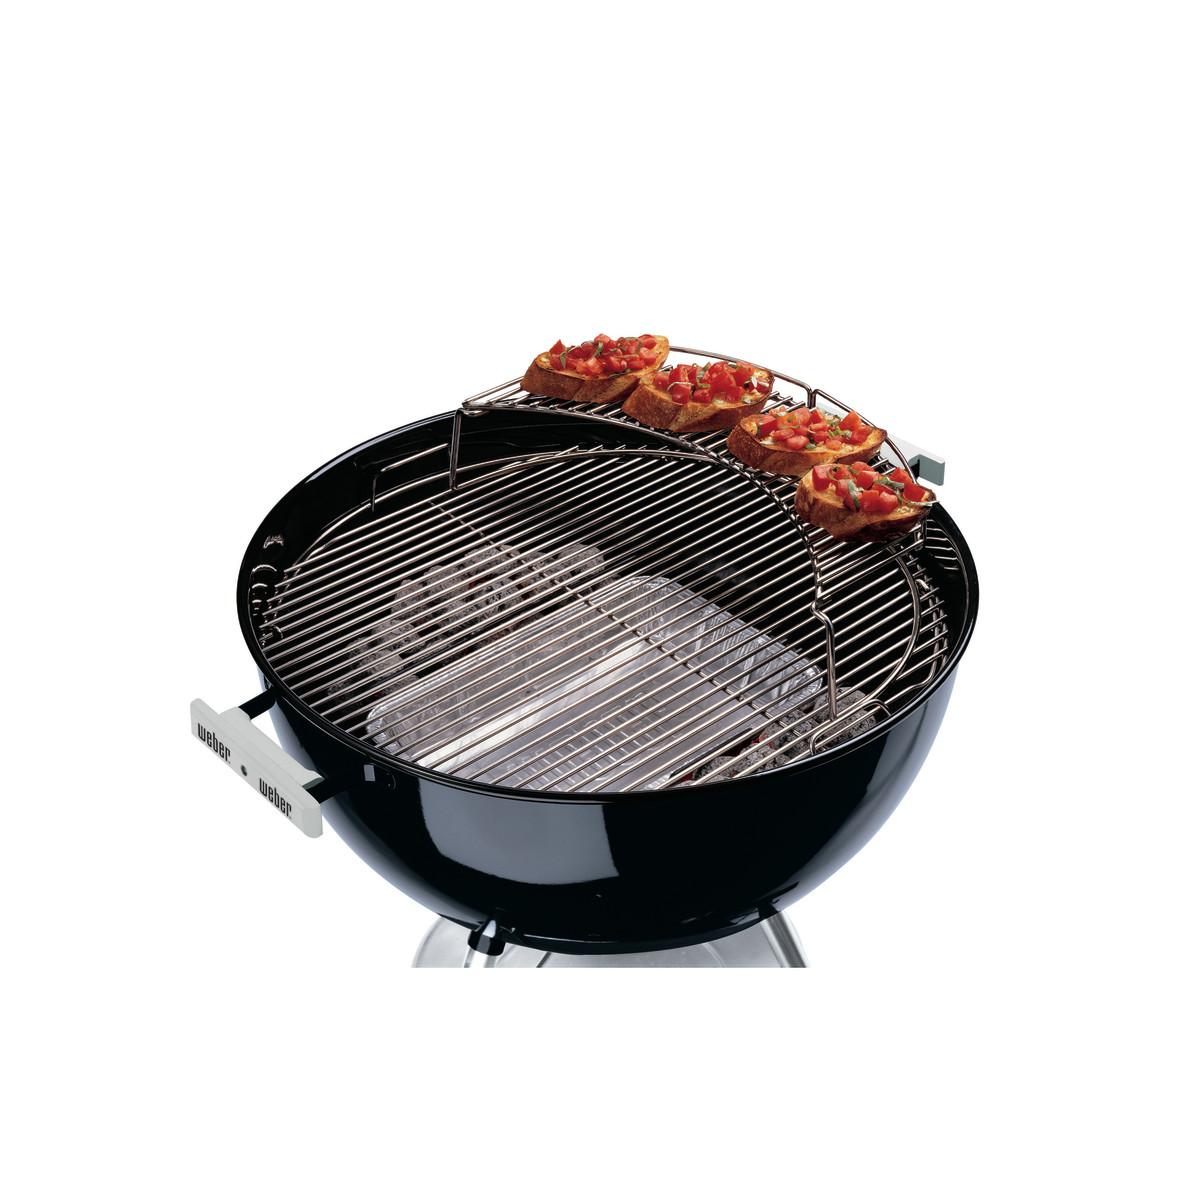 weber griglia barbecue a carbone 47 cm prezzo e offerte sottocosto. Black Bedroom Furniture Sets. Home Design Ideas